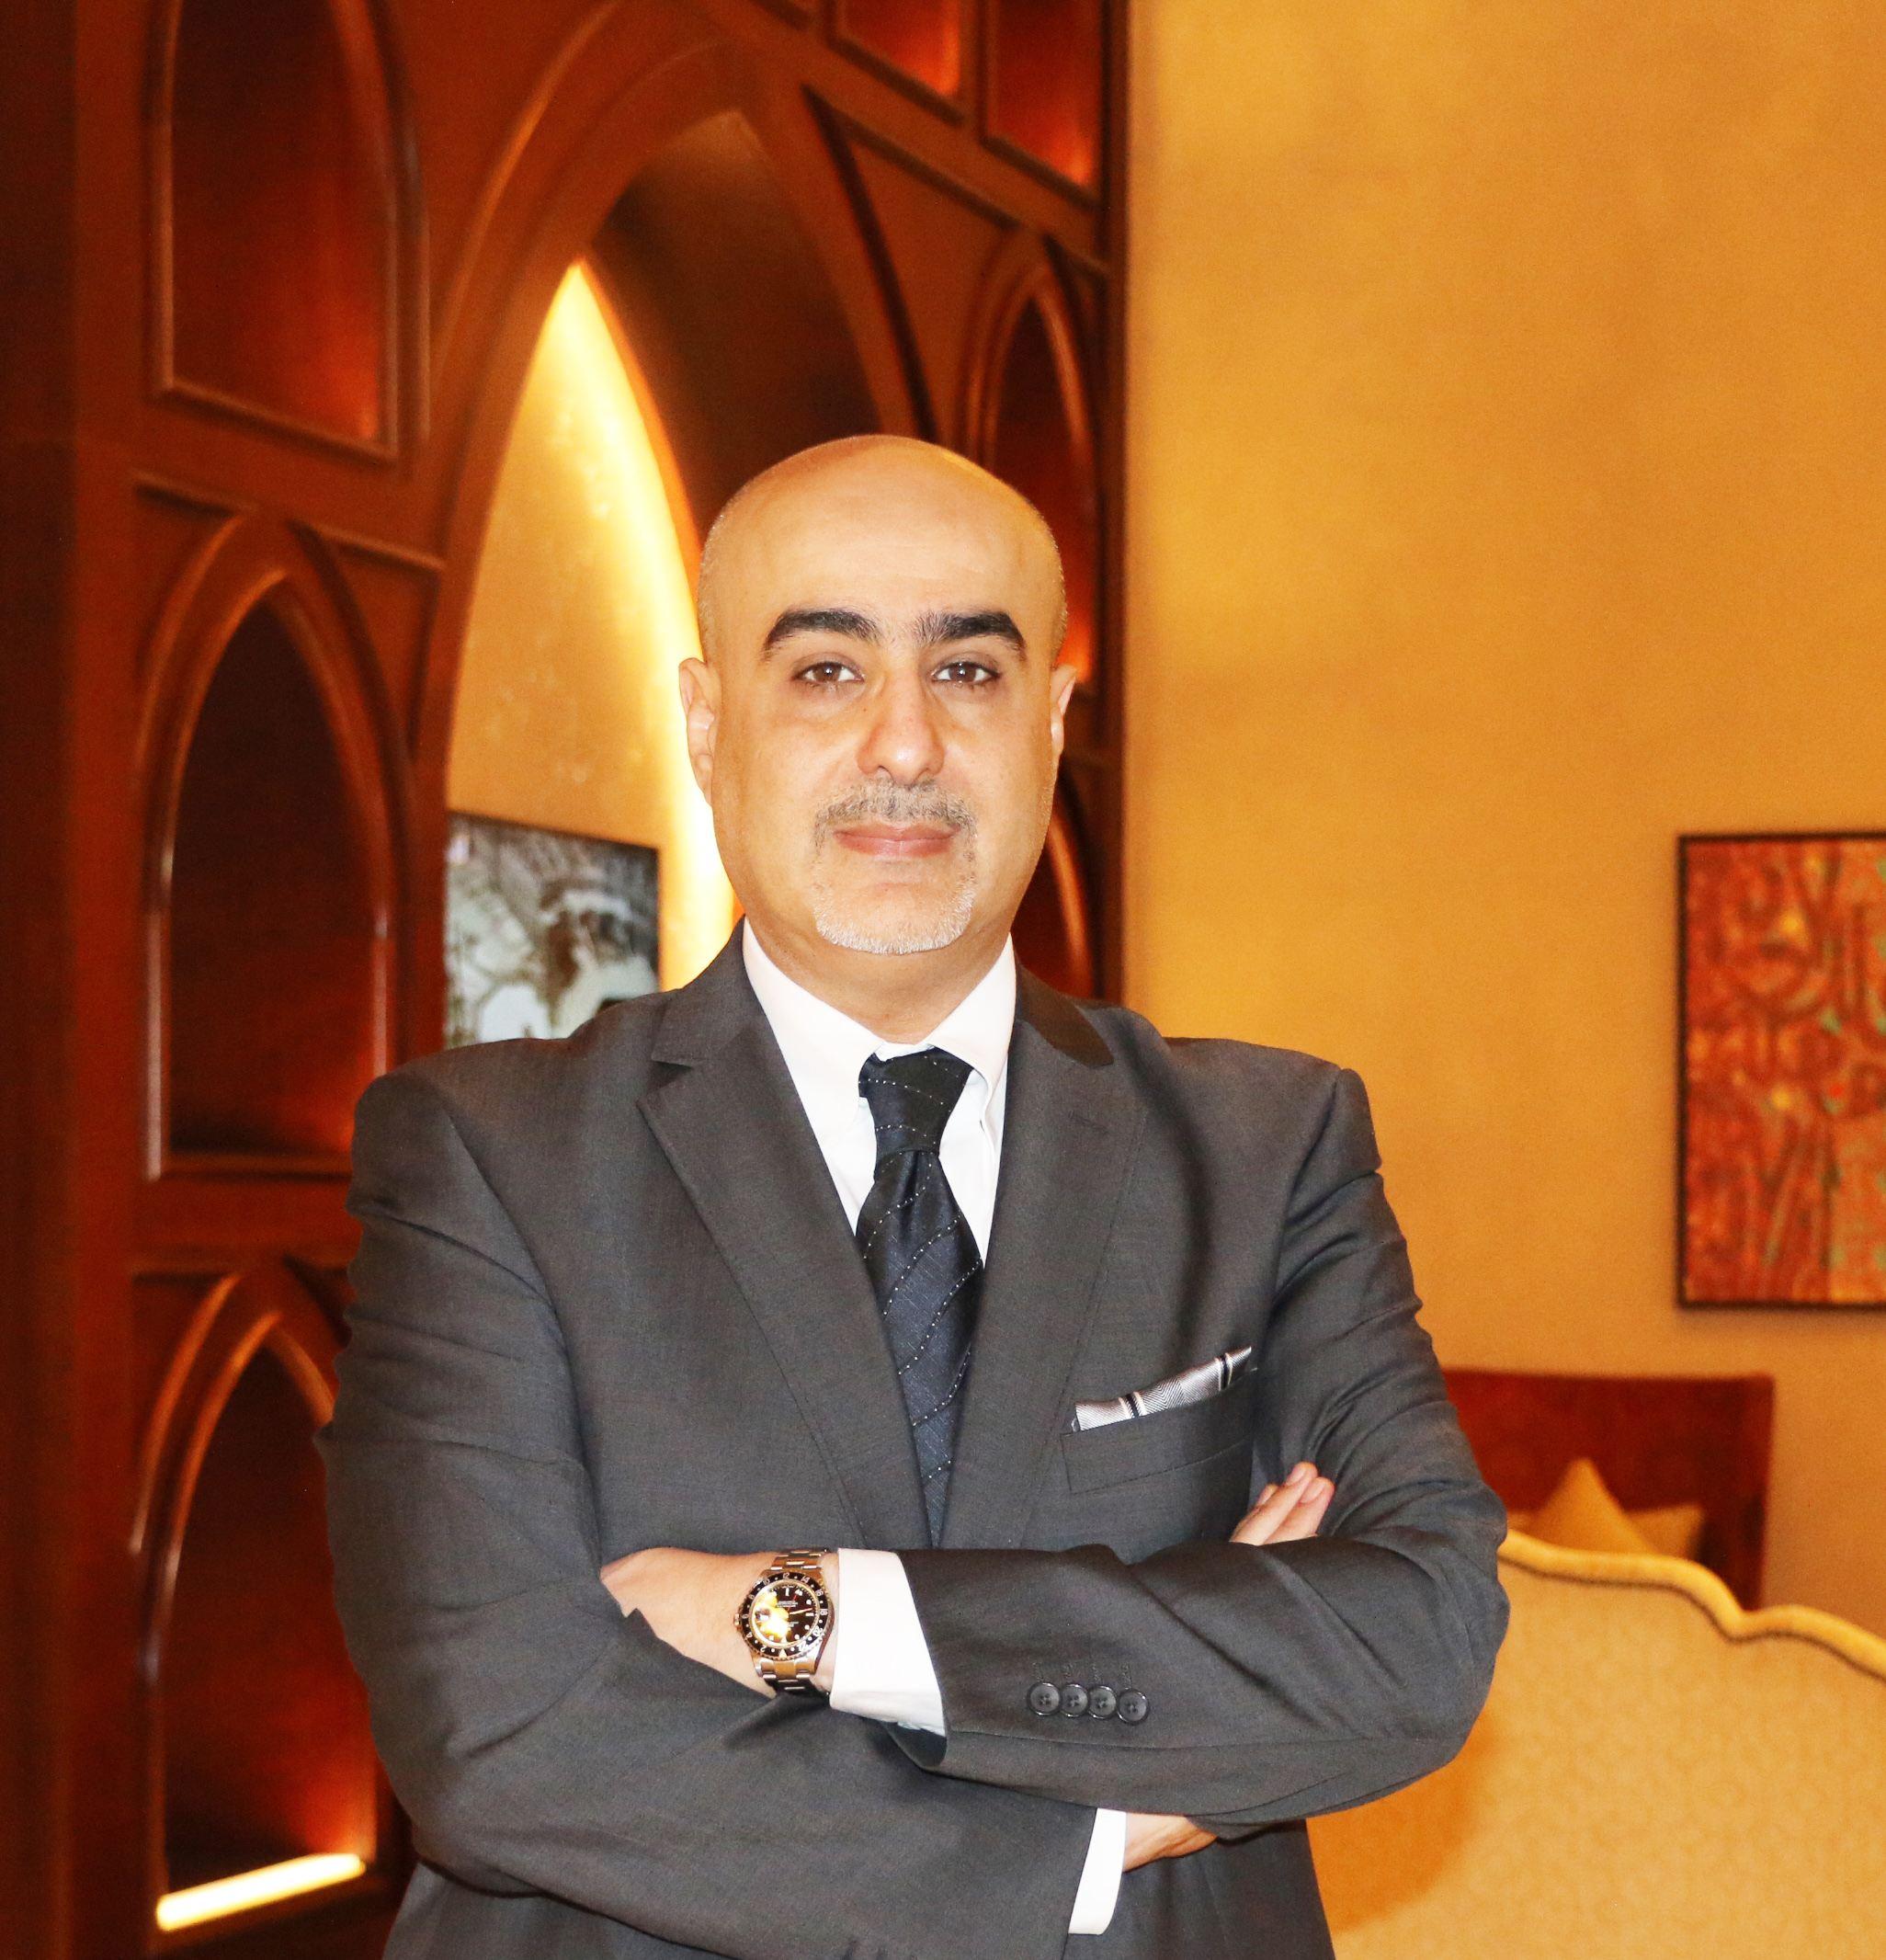 Samer Khair – General Manager - Jabal Omar Marriott Makkah